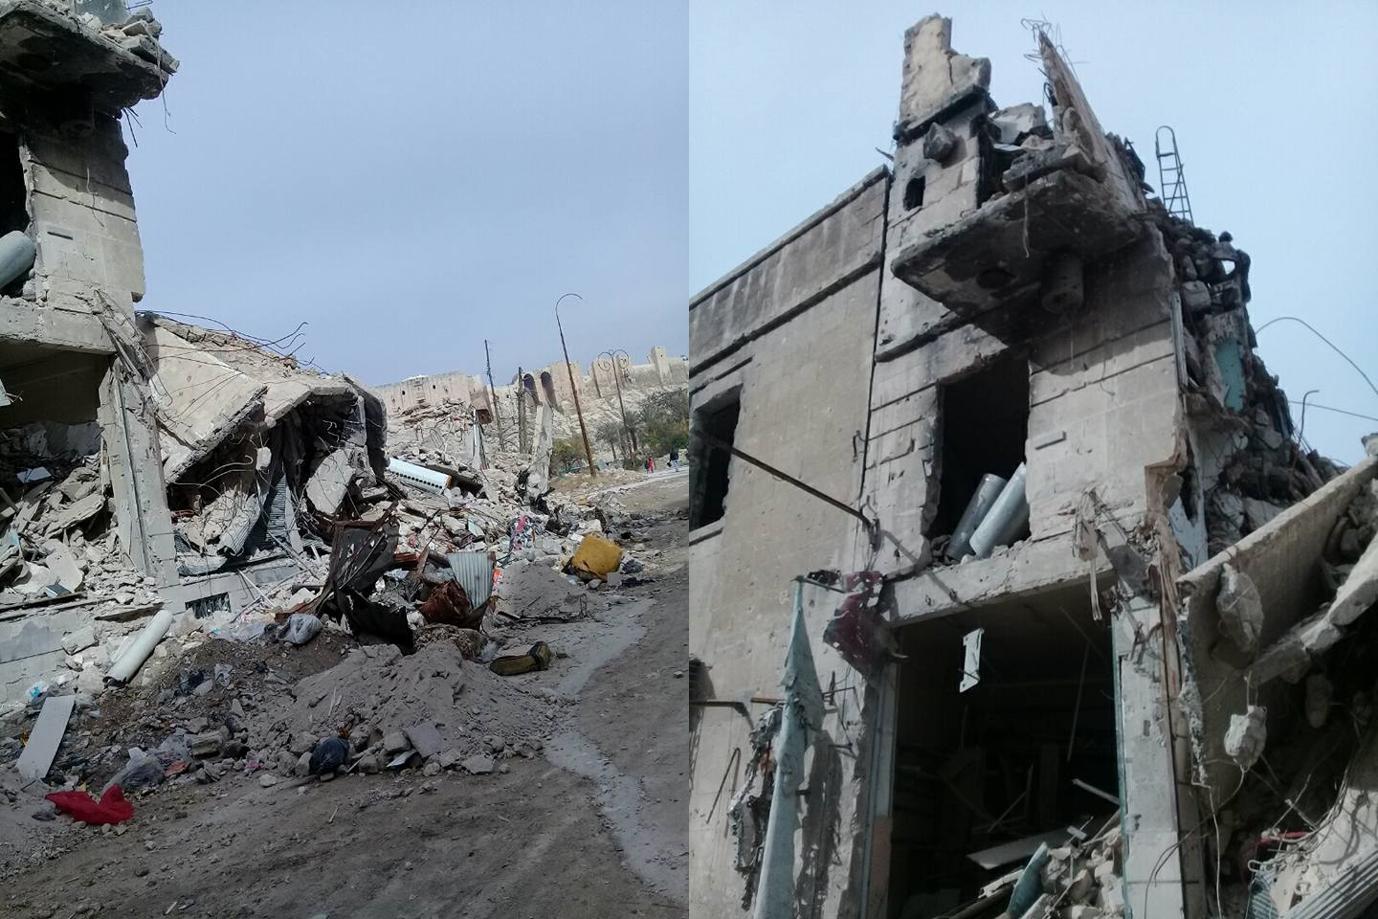 2 Aleppo